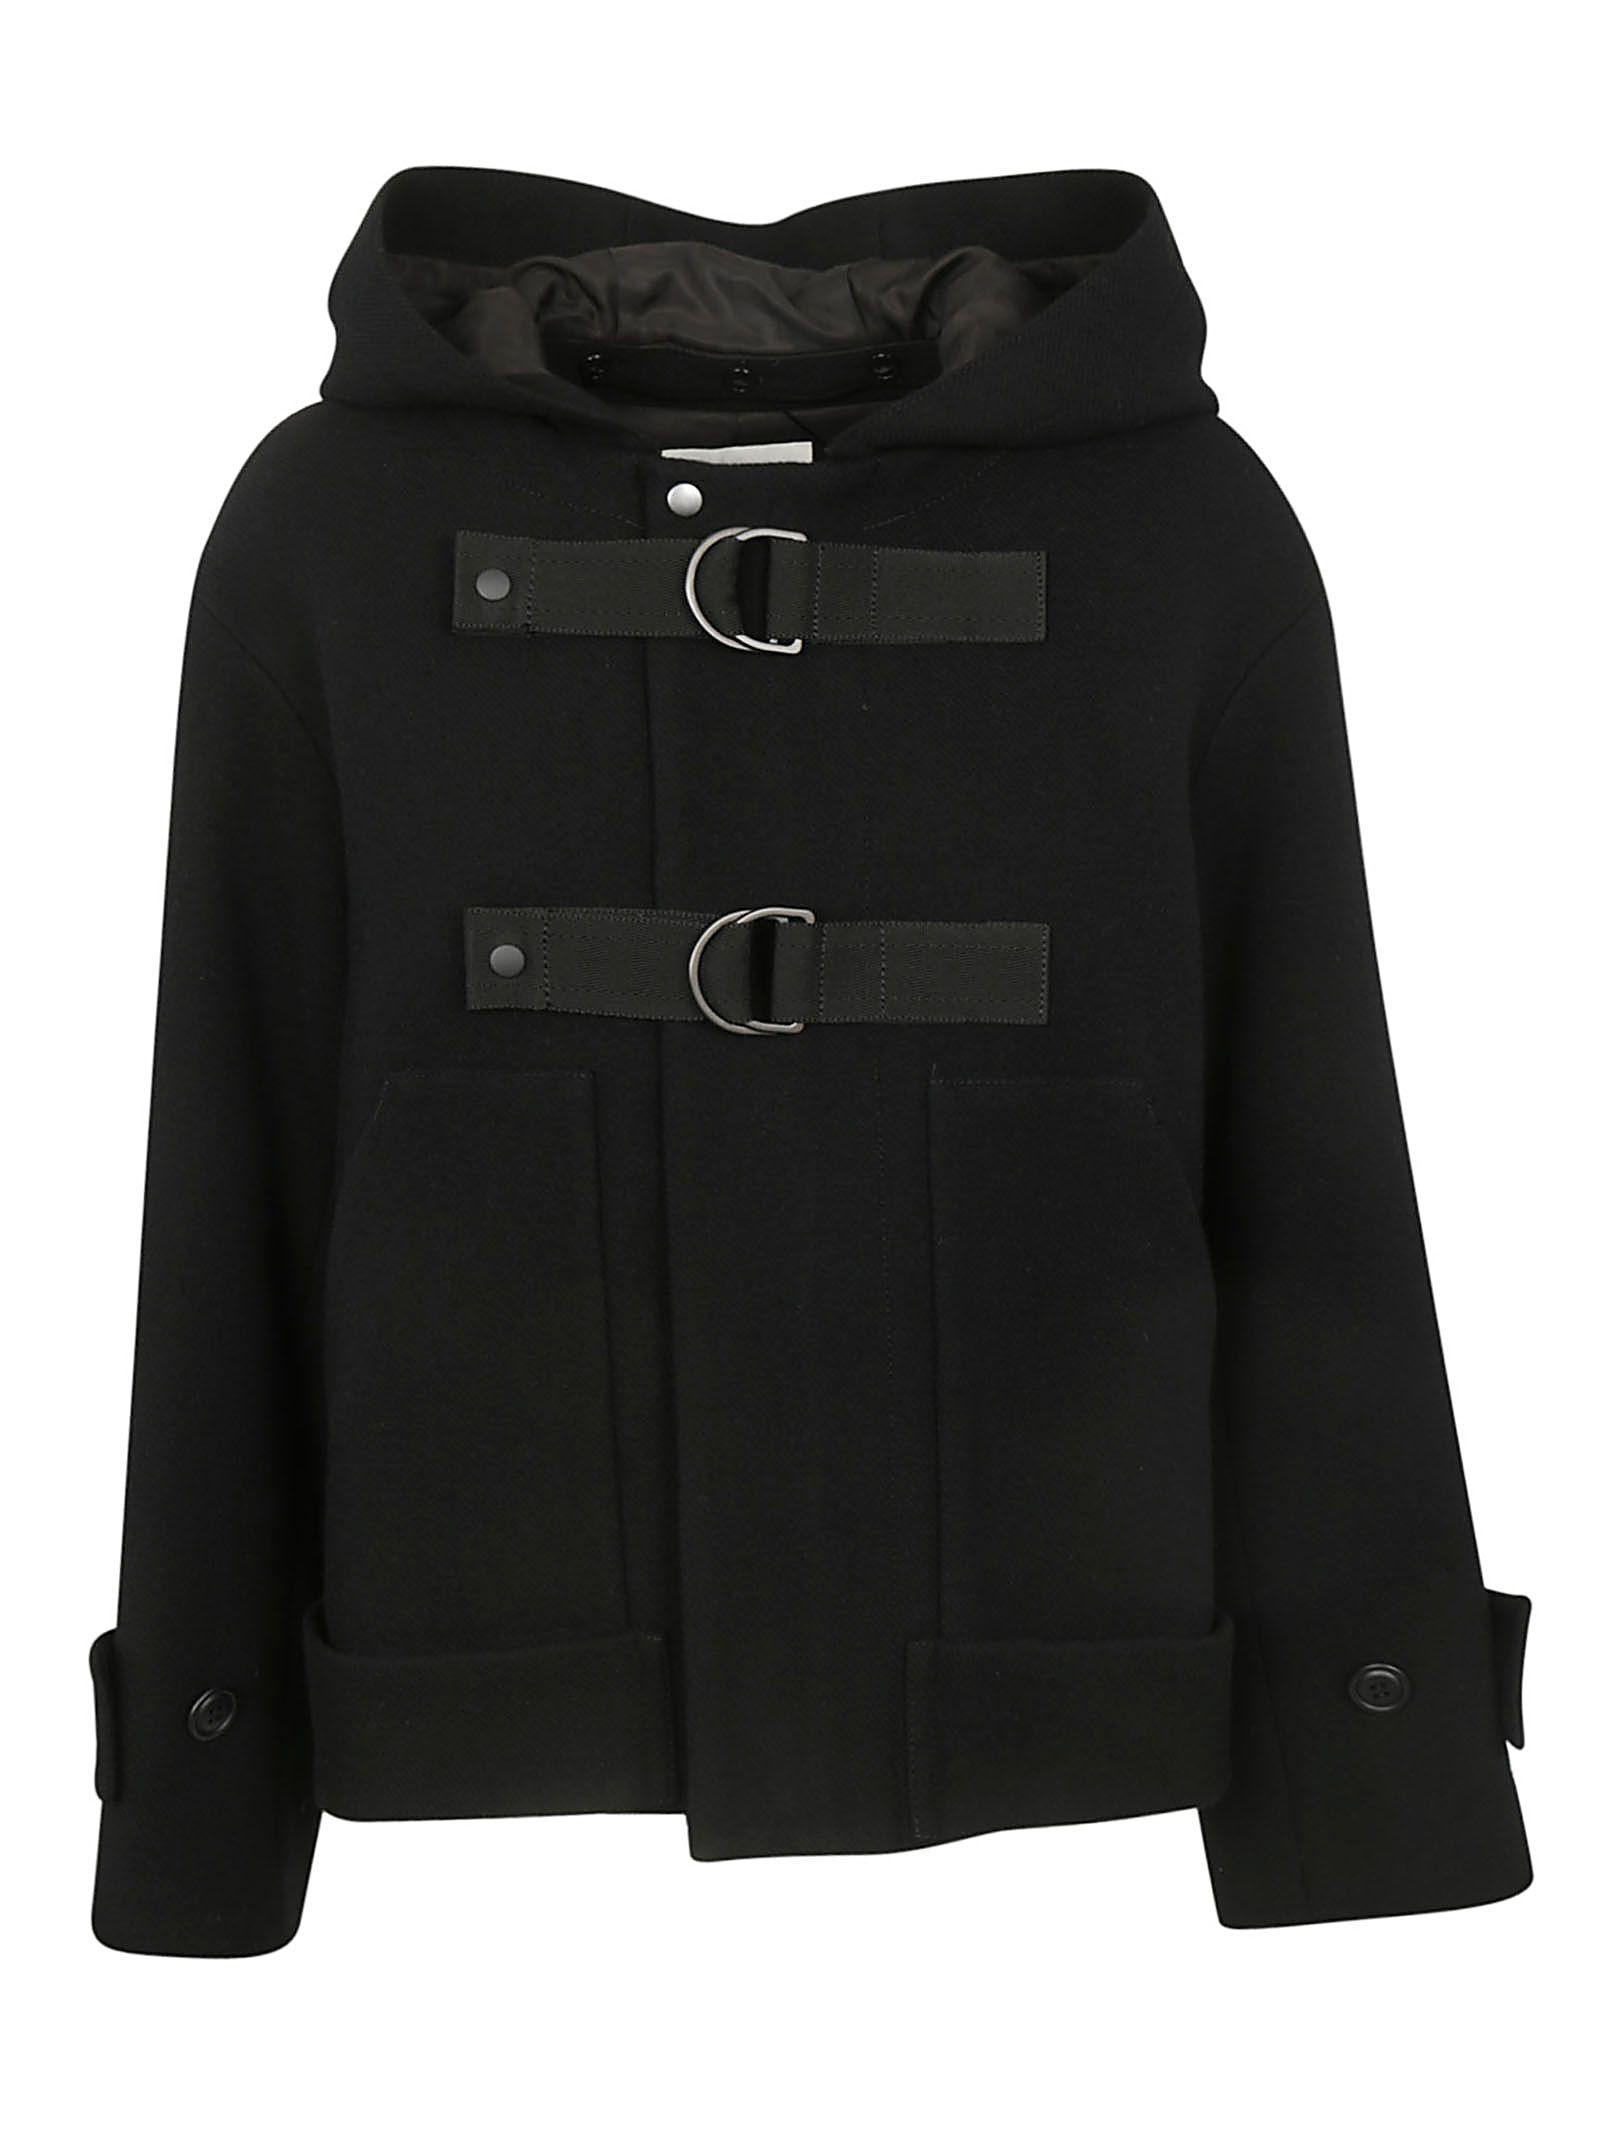 ZUCCA Hot-Line Caban Coat in Black